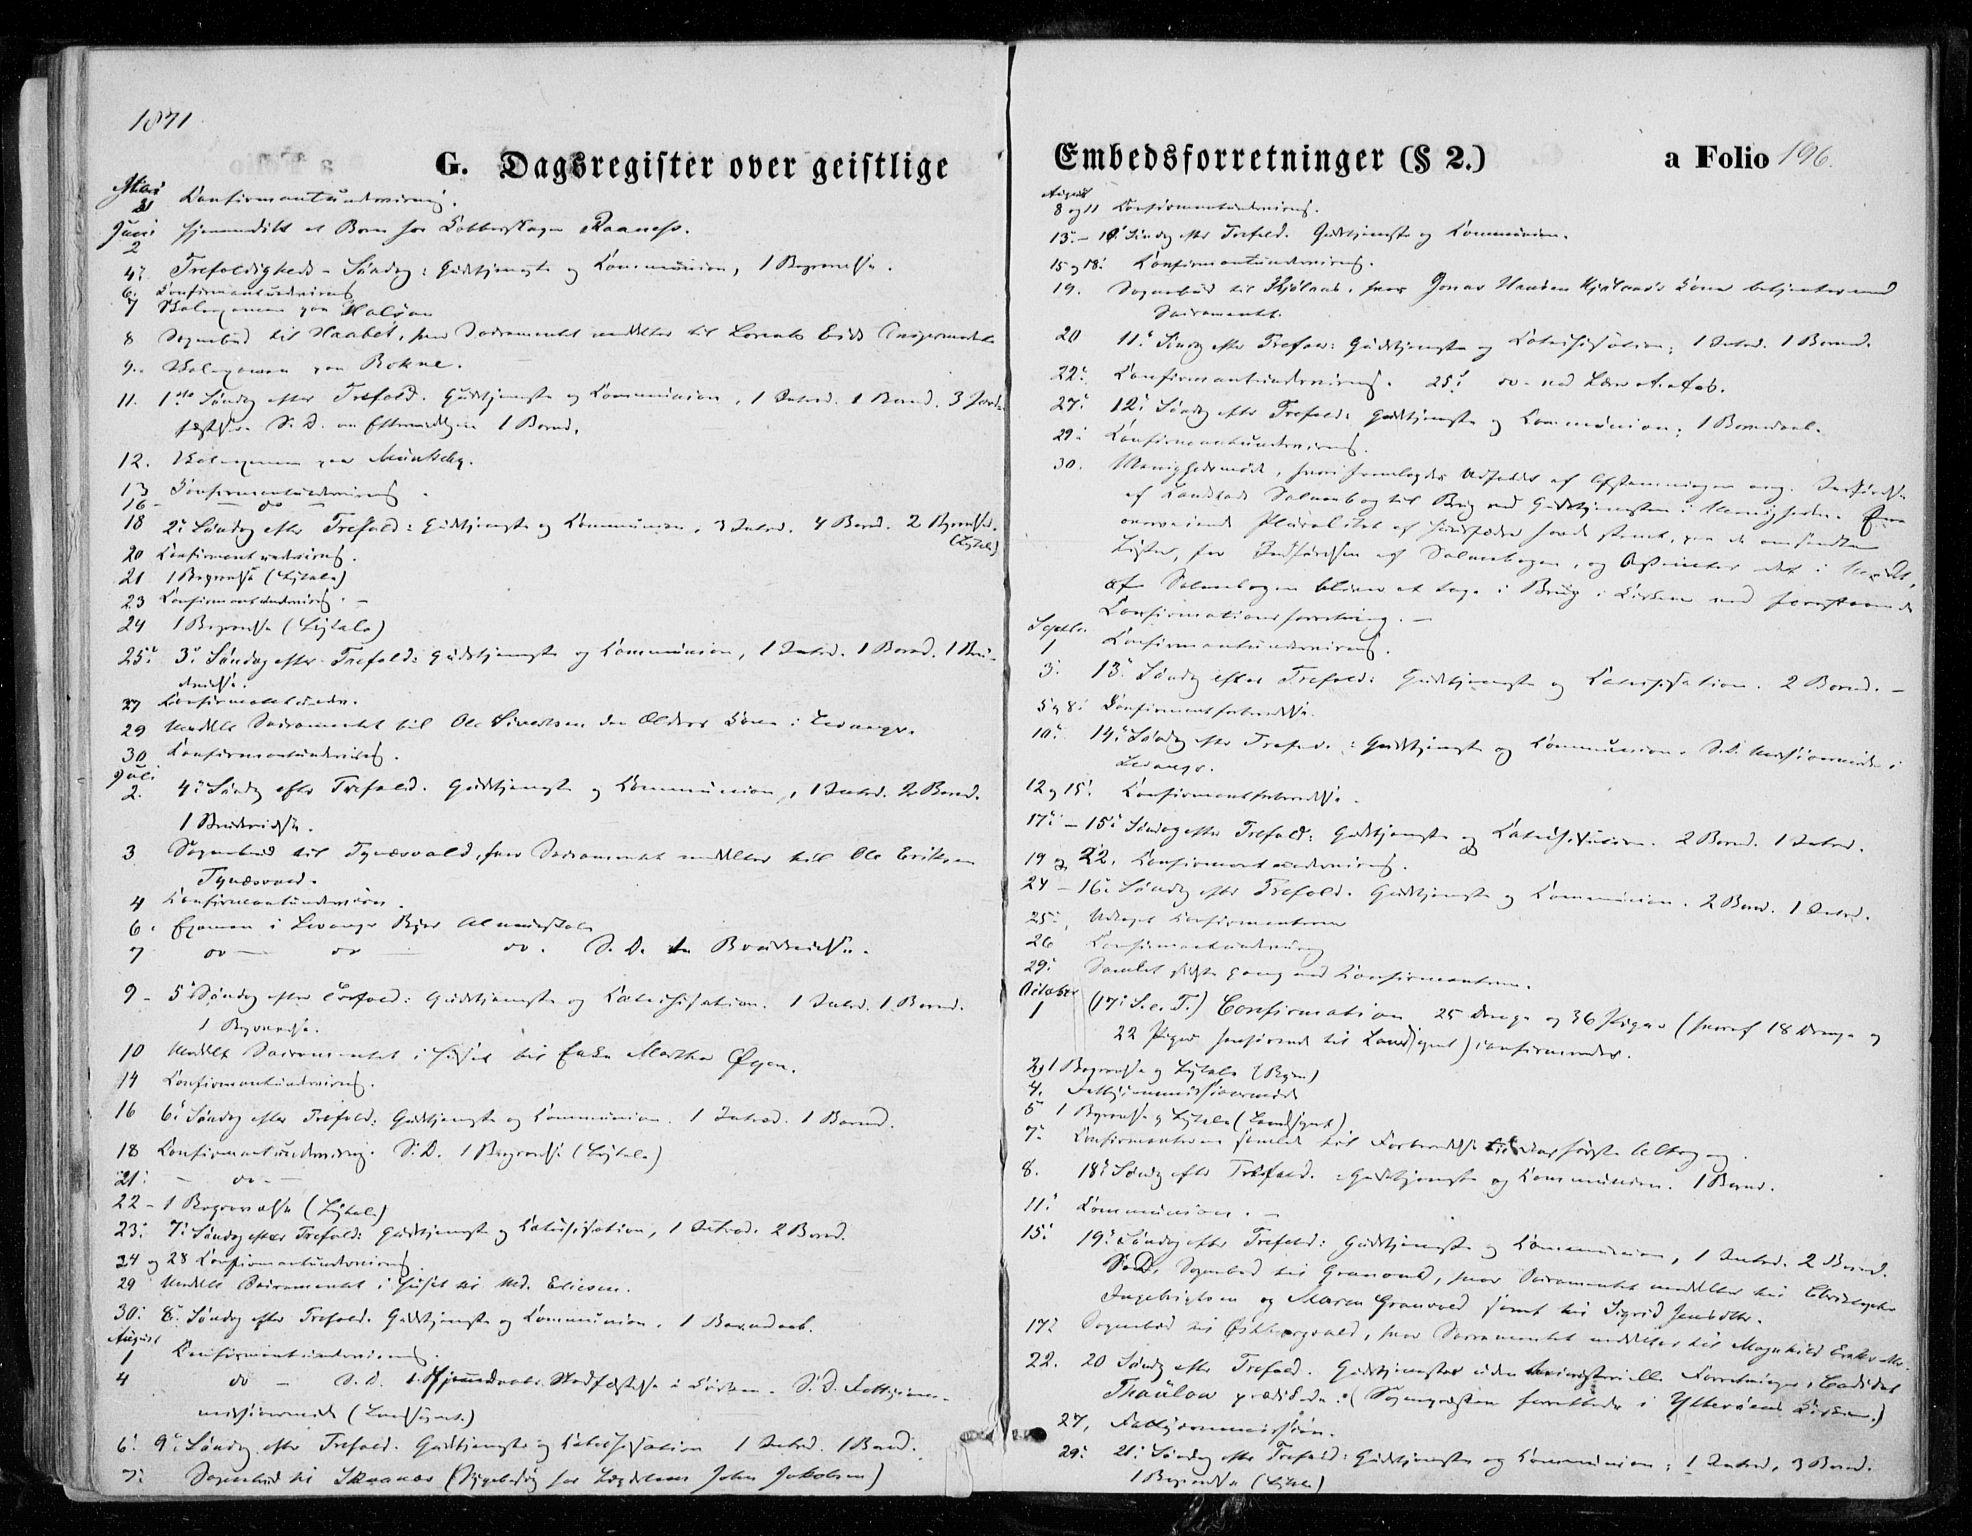 SAT, Ministerialprotokoller, klokkerbøker og fødselsregistre - Nord-Trøndelag, 721/L0206: Parish register (official) no. 721A01, 1864-1874, p. 196